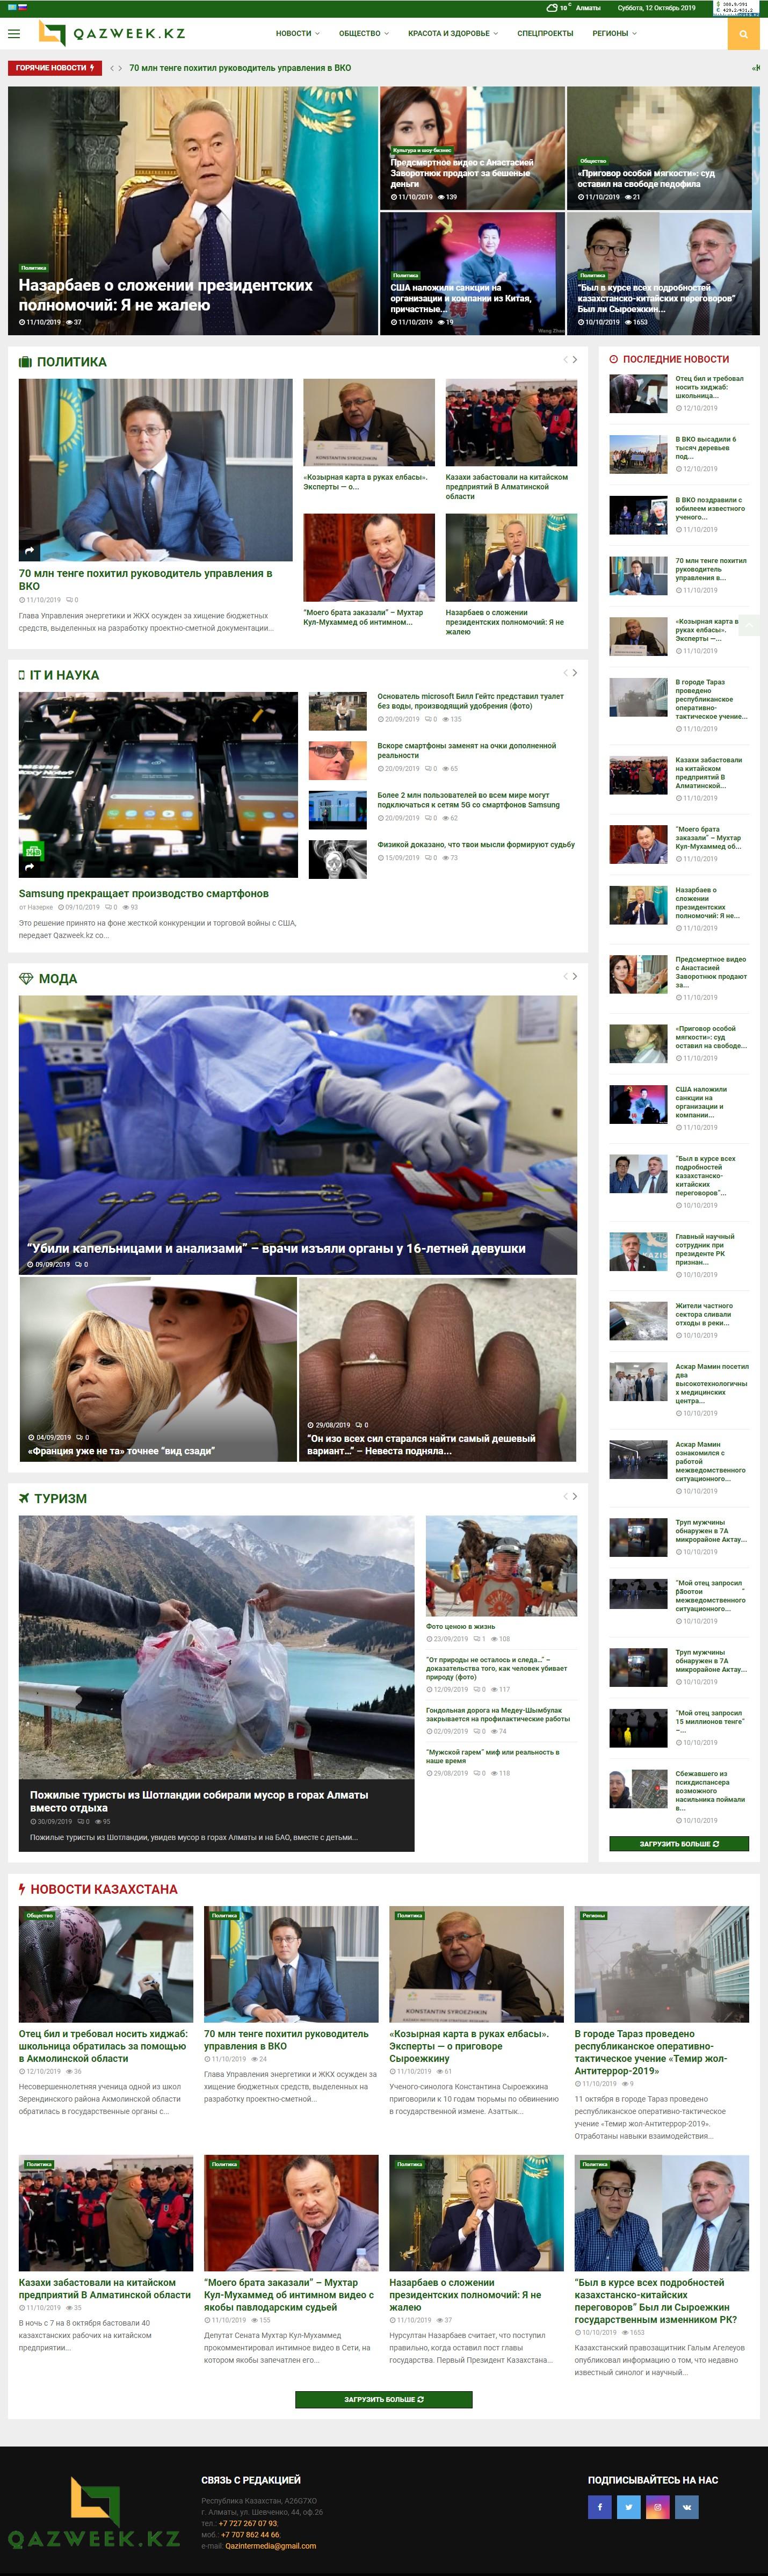 Сайт международного информационного агентства Qazweek.kz